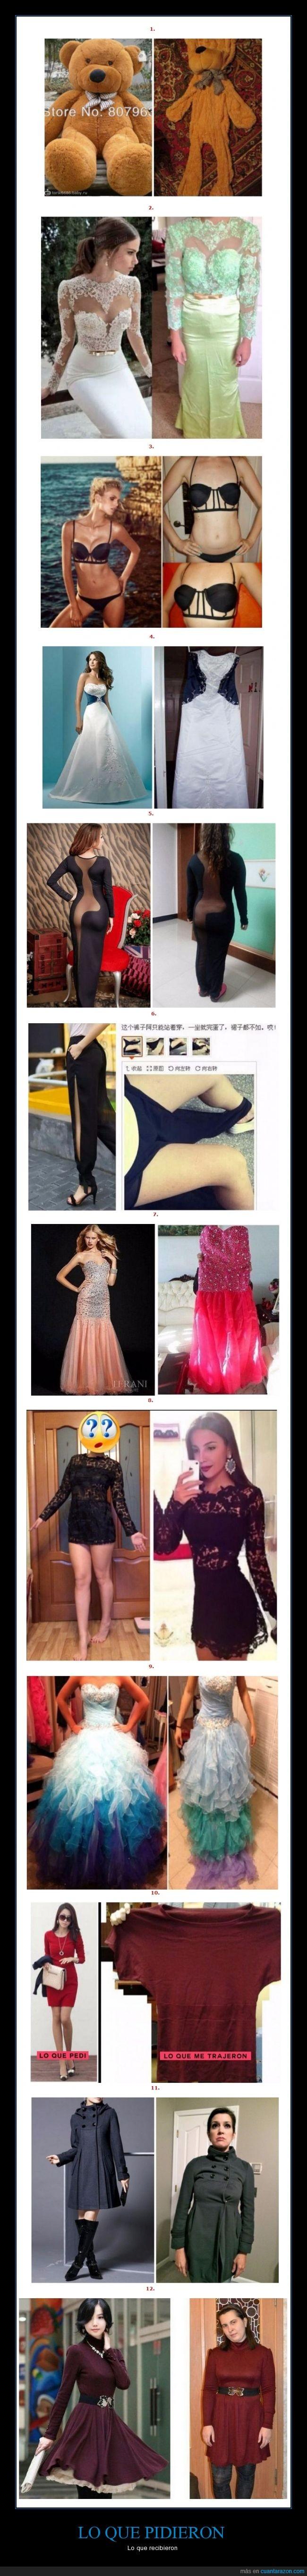 bonito,botas,comparacion,compra,cutre,diferente,foto,mala compra,vestido,vestido feo